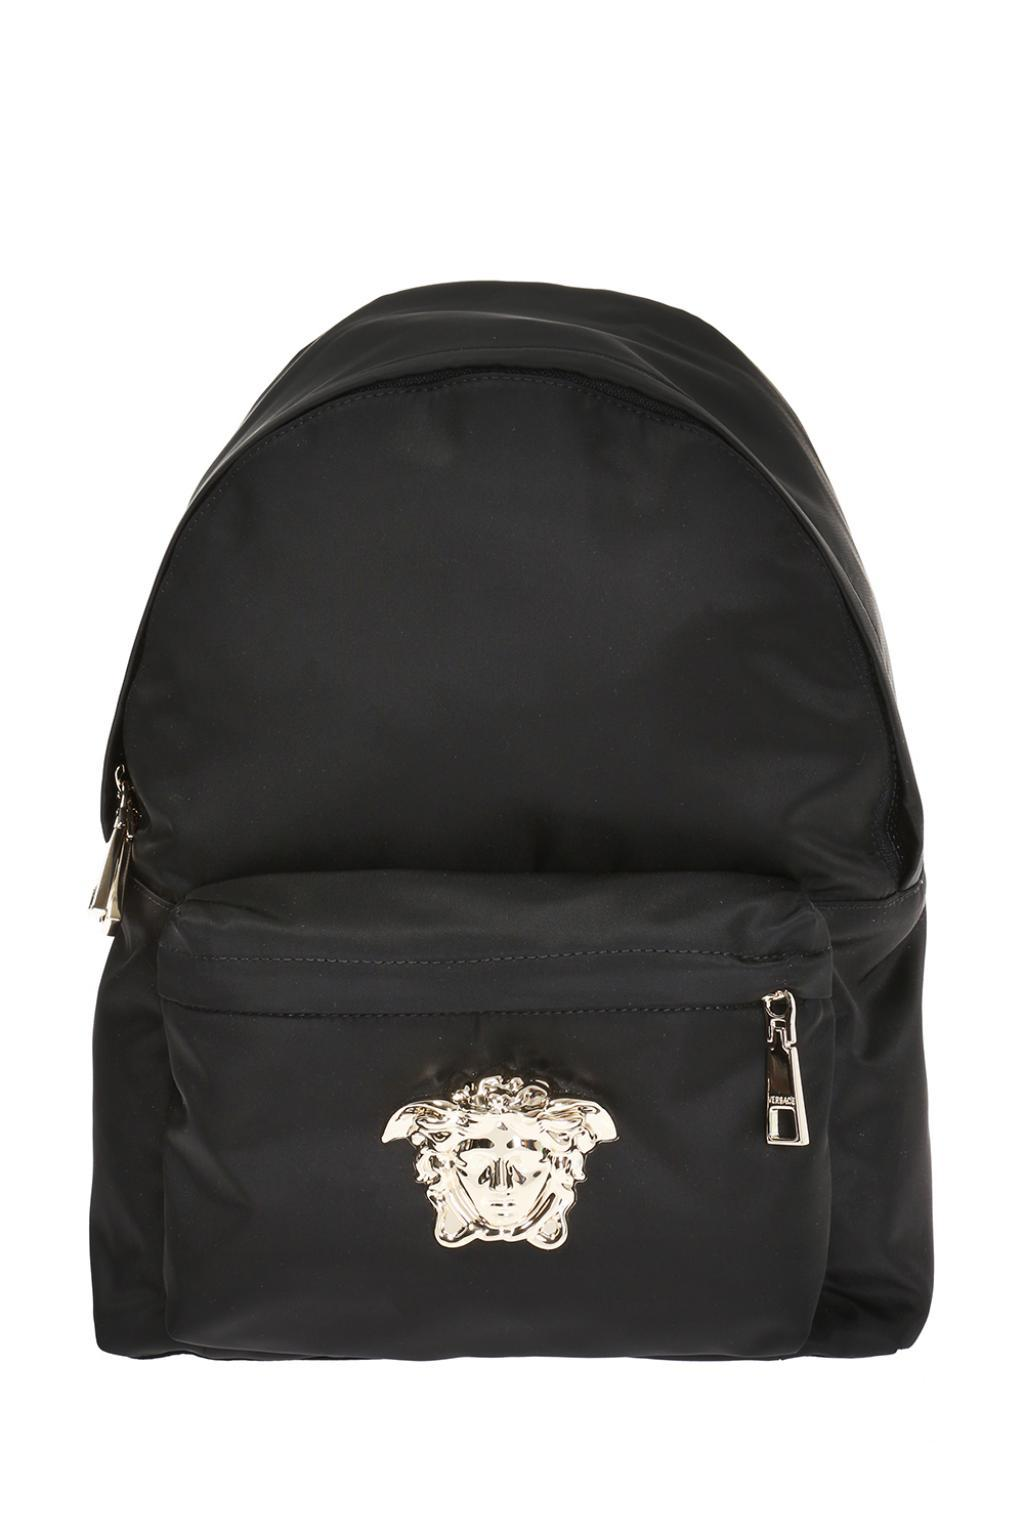 Versace Medusa Head Backpack in Black - Lyst 2fbf2ca9cf